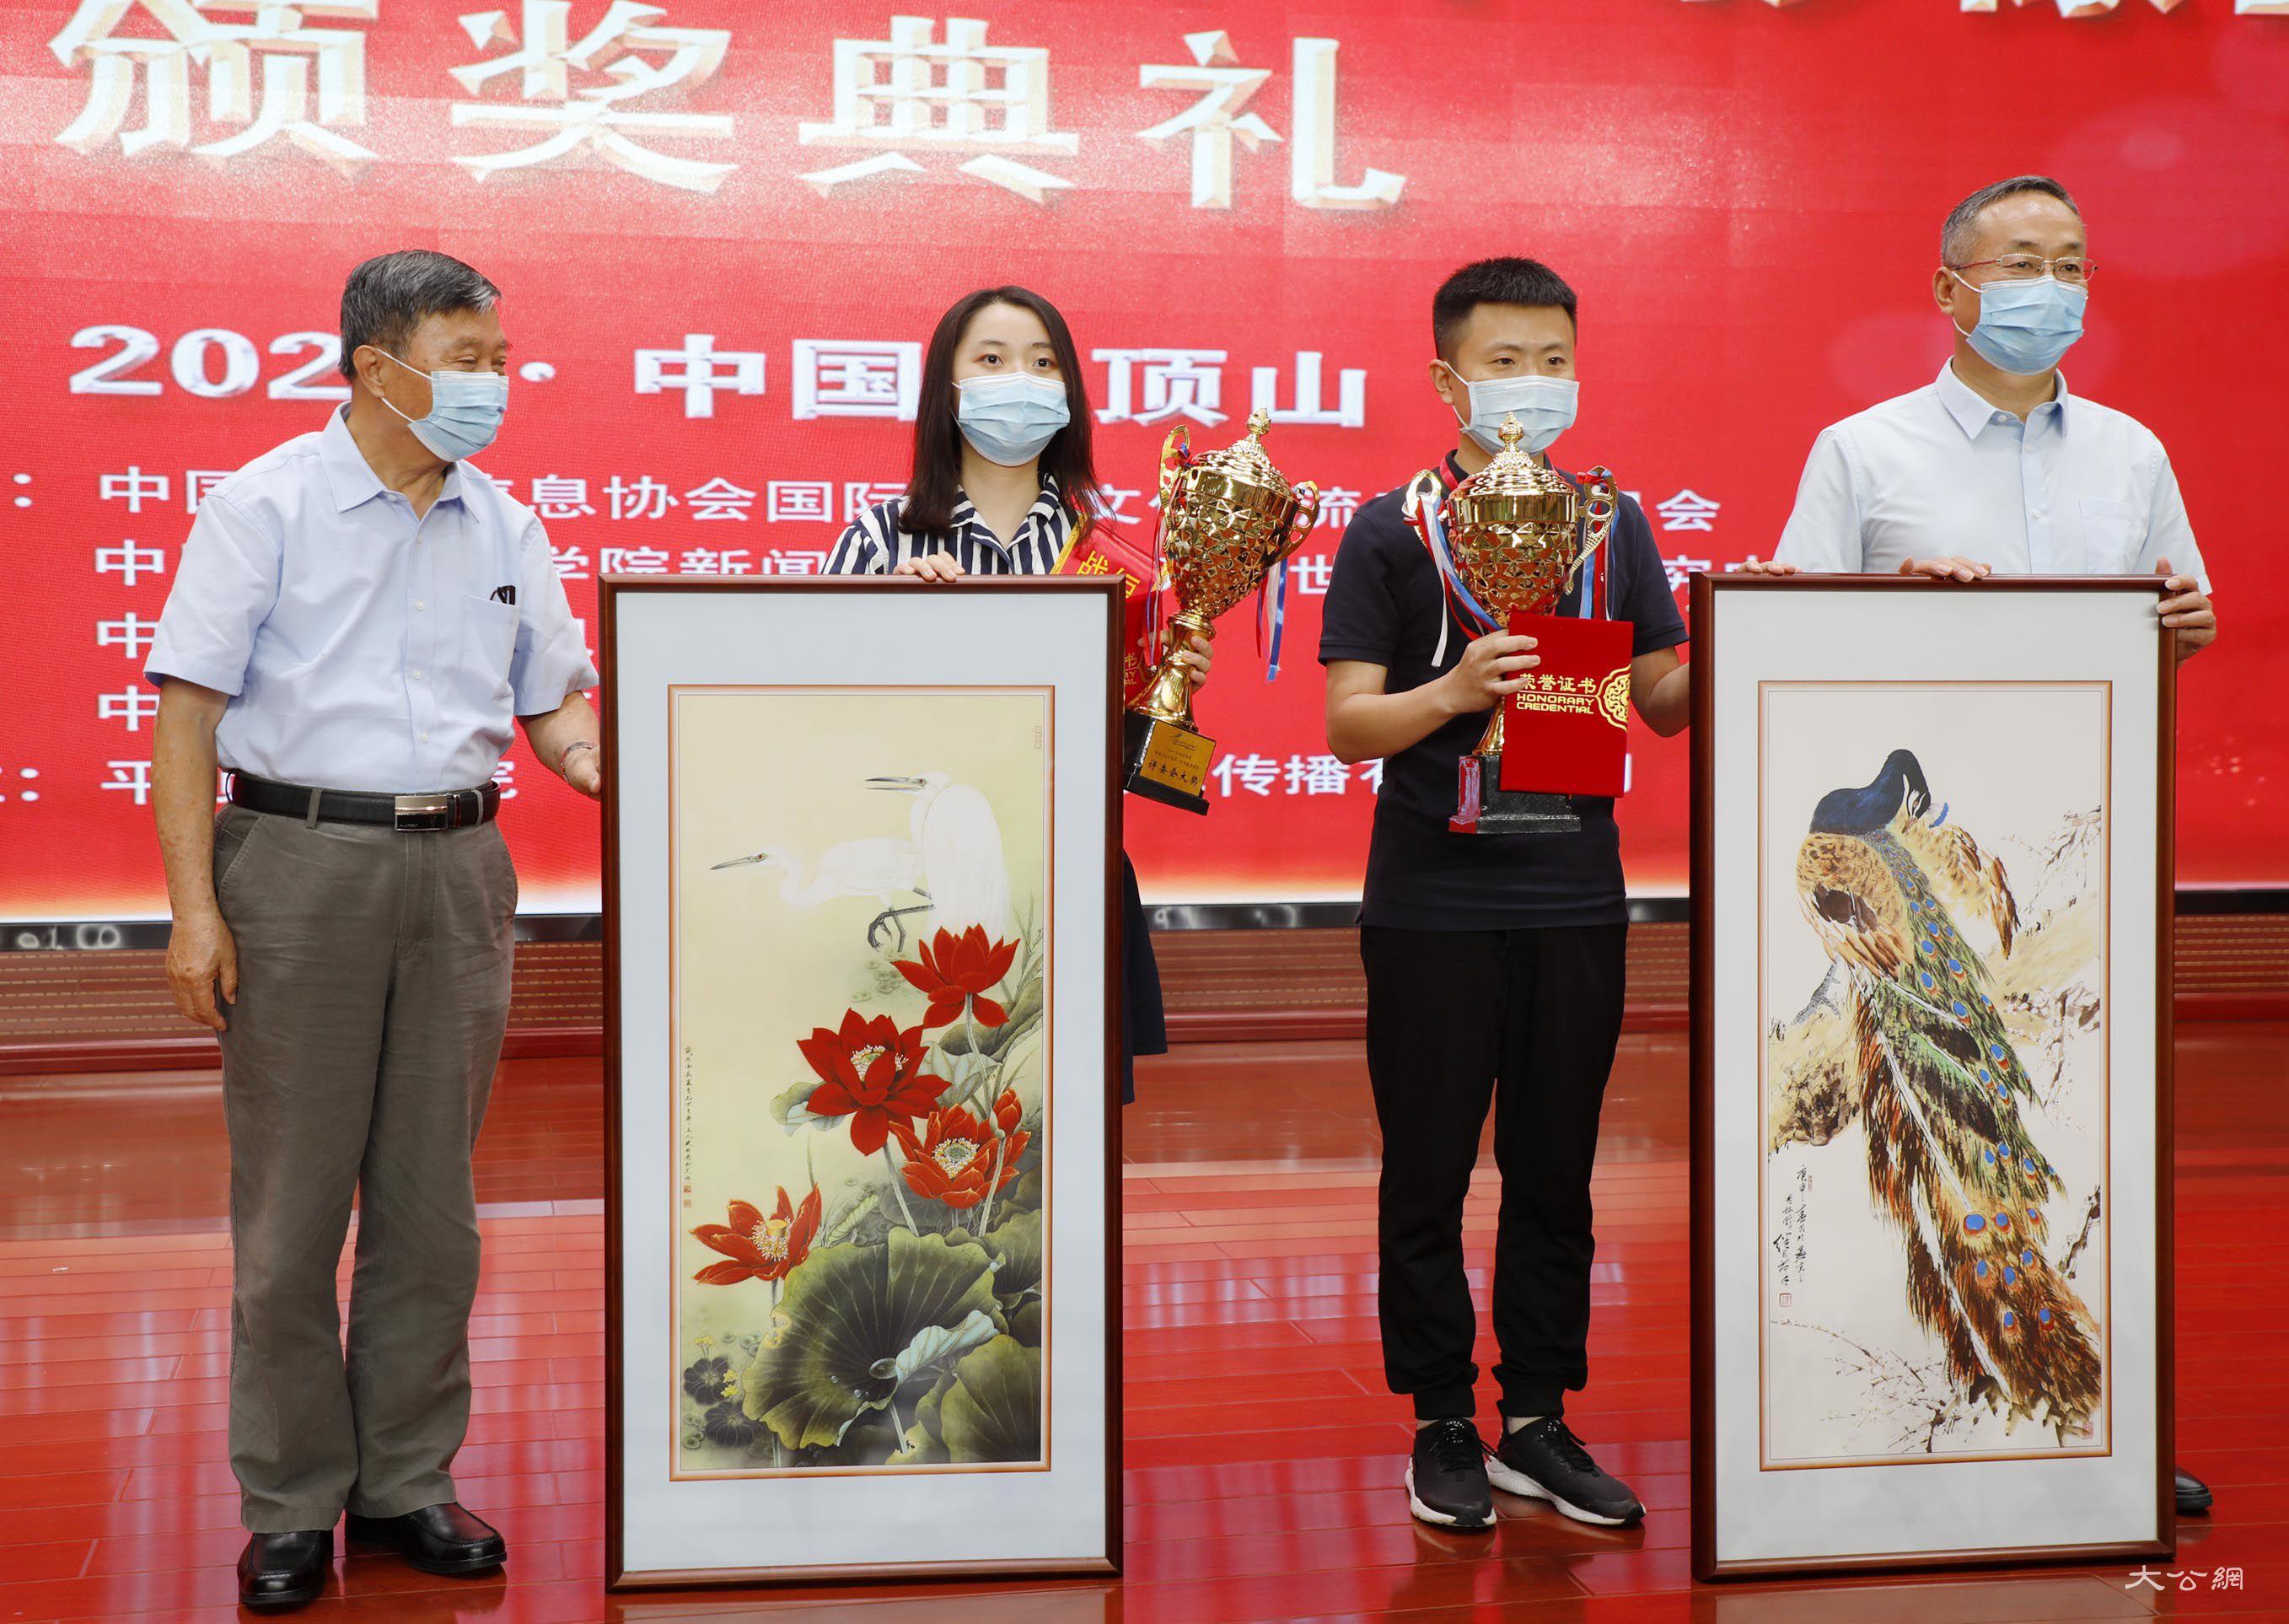 第五屆中國夢青年影像盛典舉行 清華大學摘評委會大獎